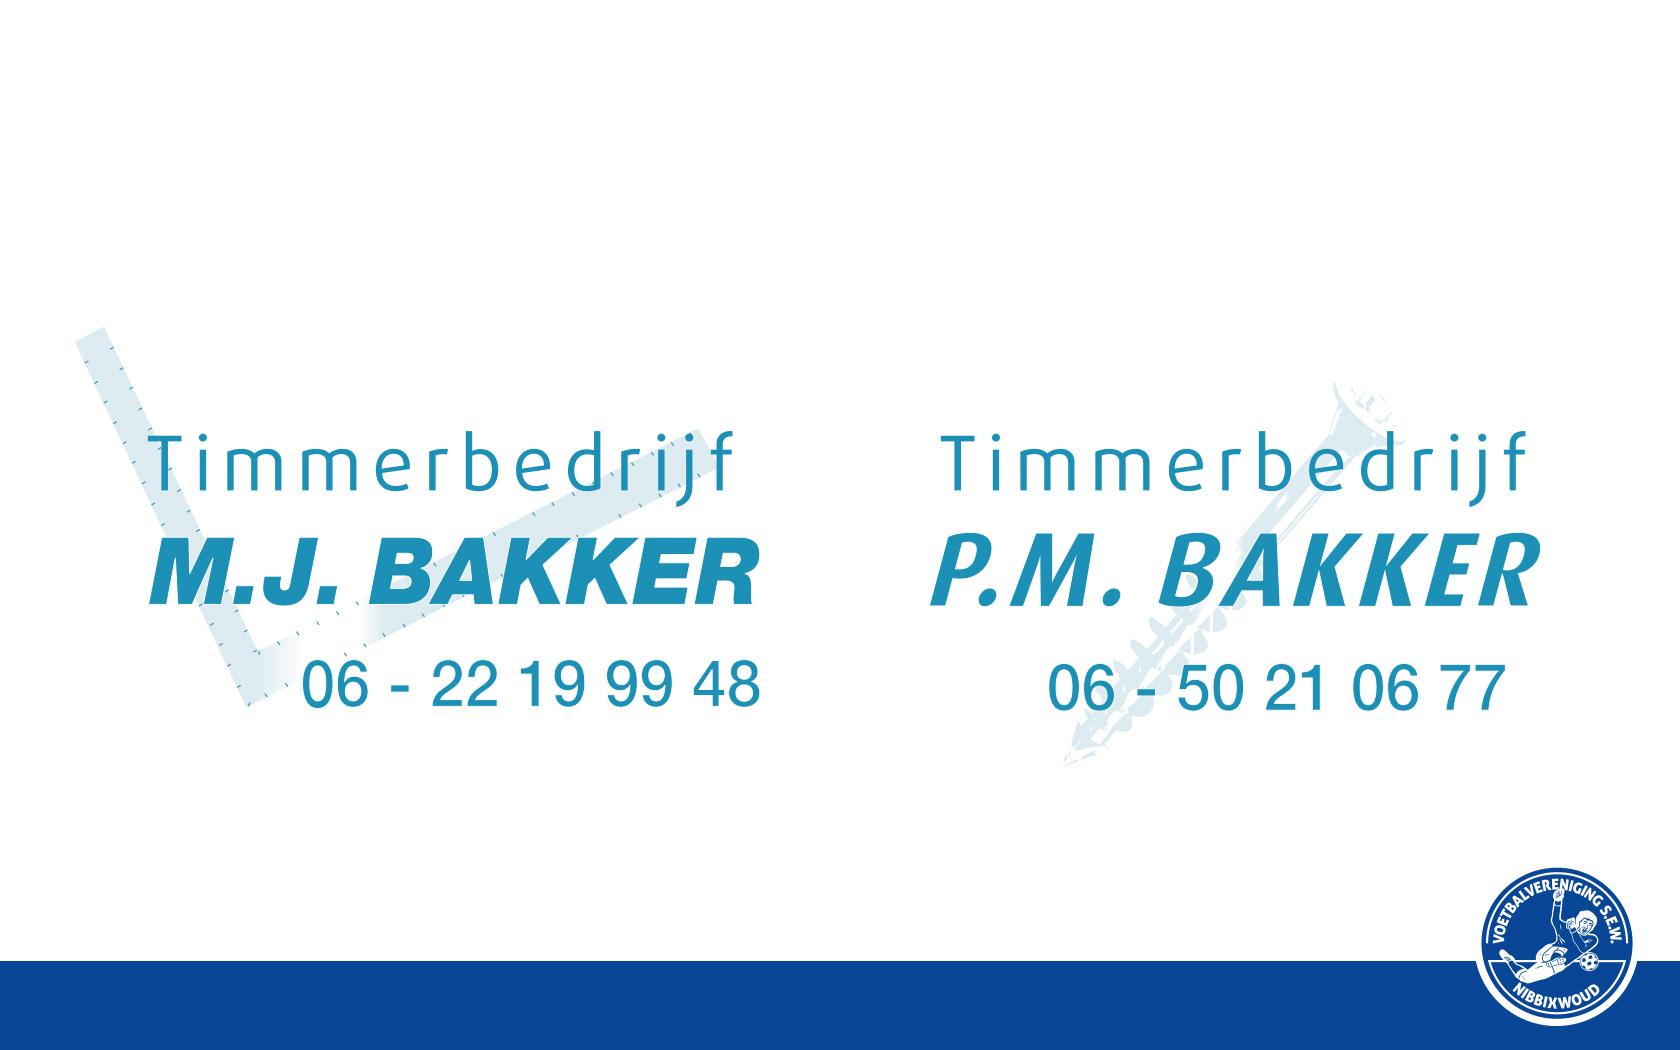 Timmerbedrijf Bakker